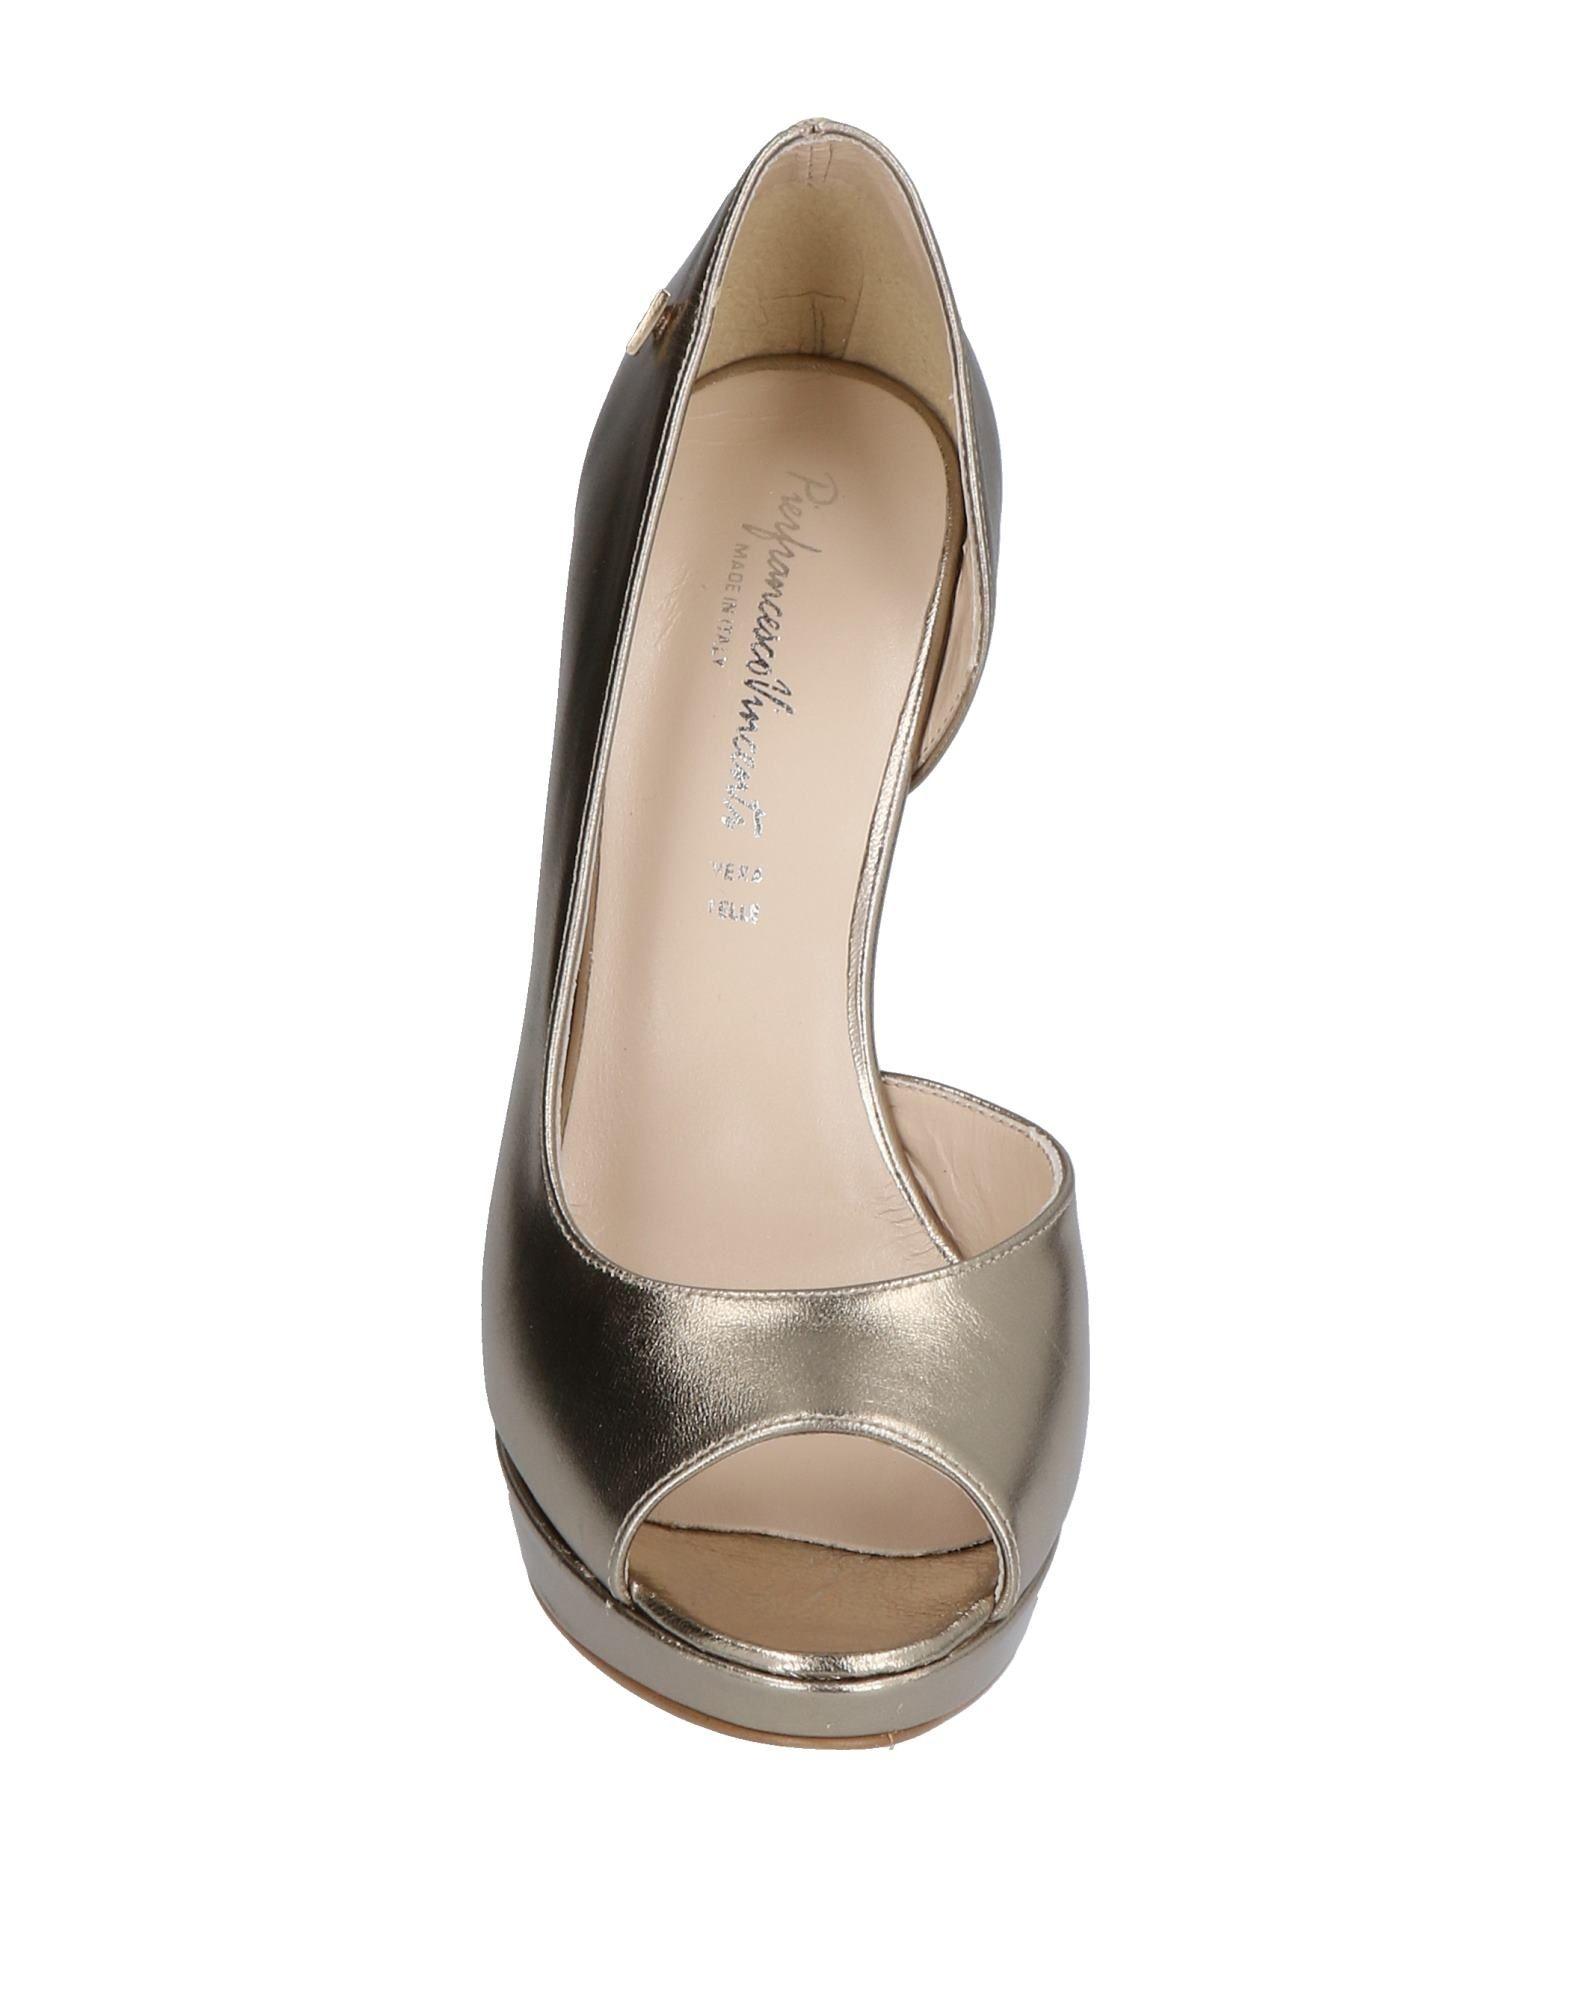 Pierfrancesco Pierfrancesco Pierfrancesco Vincenti Pumps Damen  11484423JF Gute Qualität beliebte Schuhe 9735f1